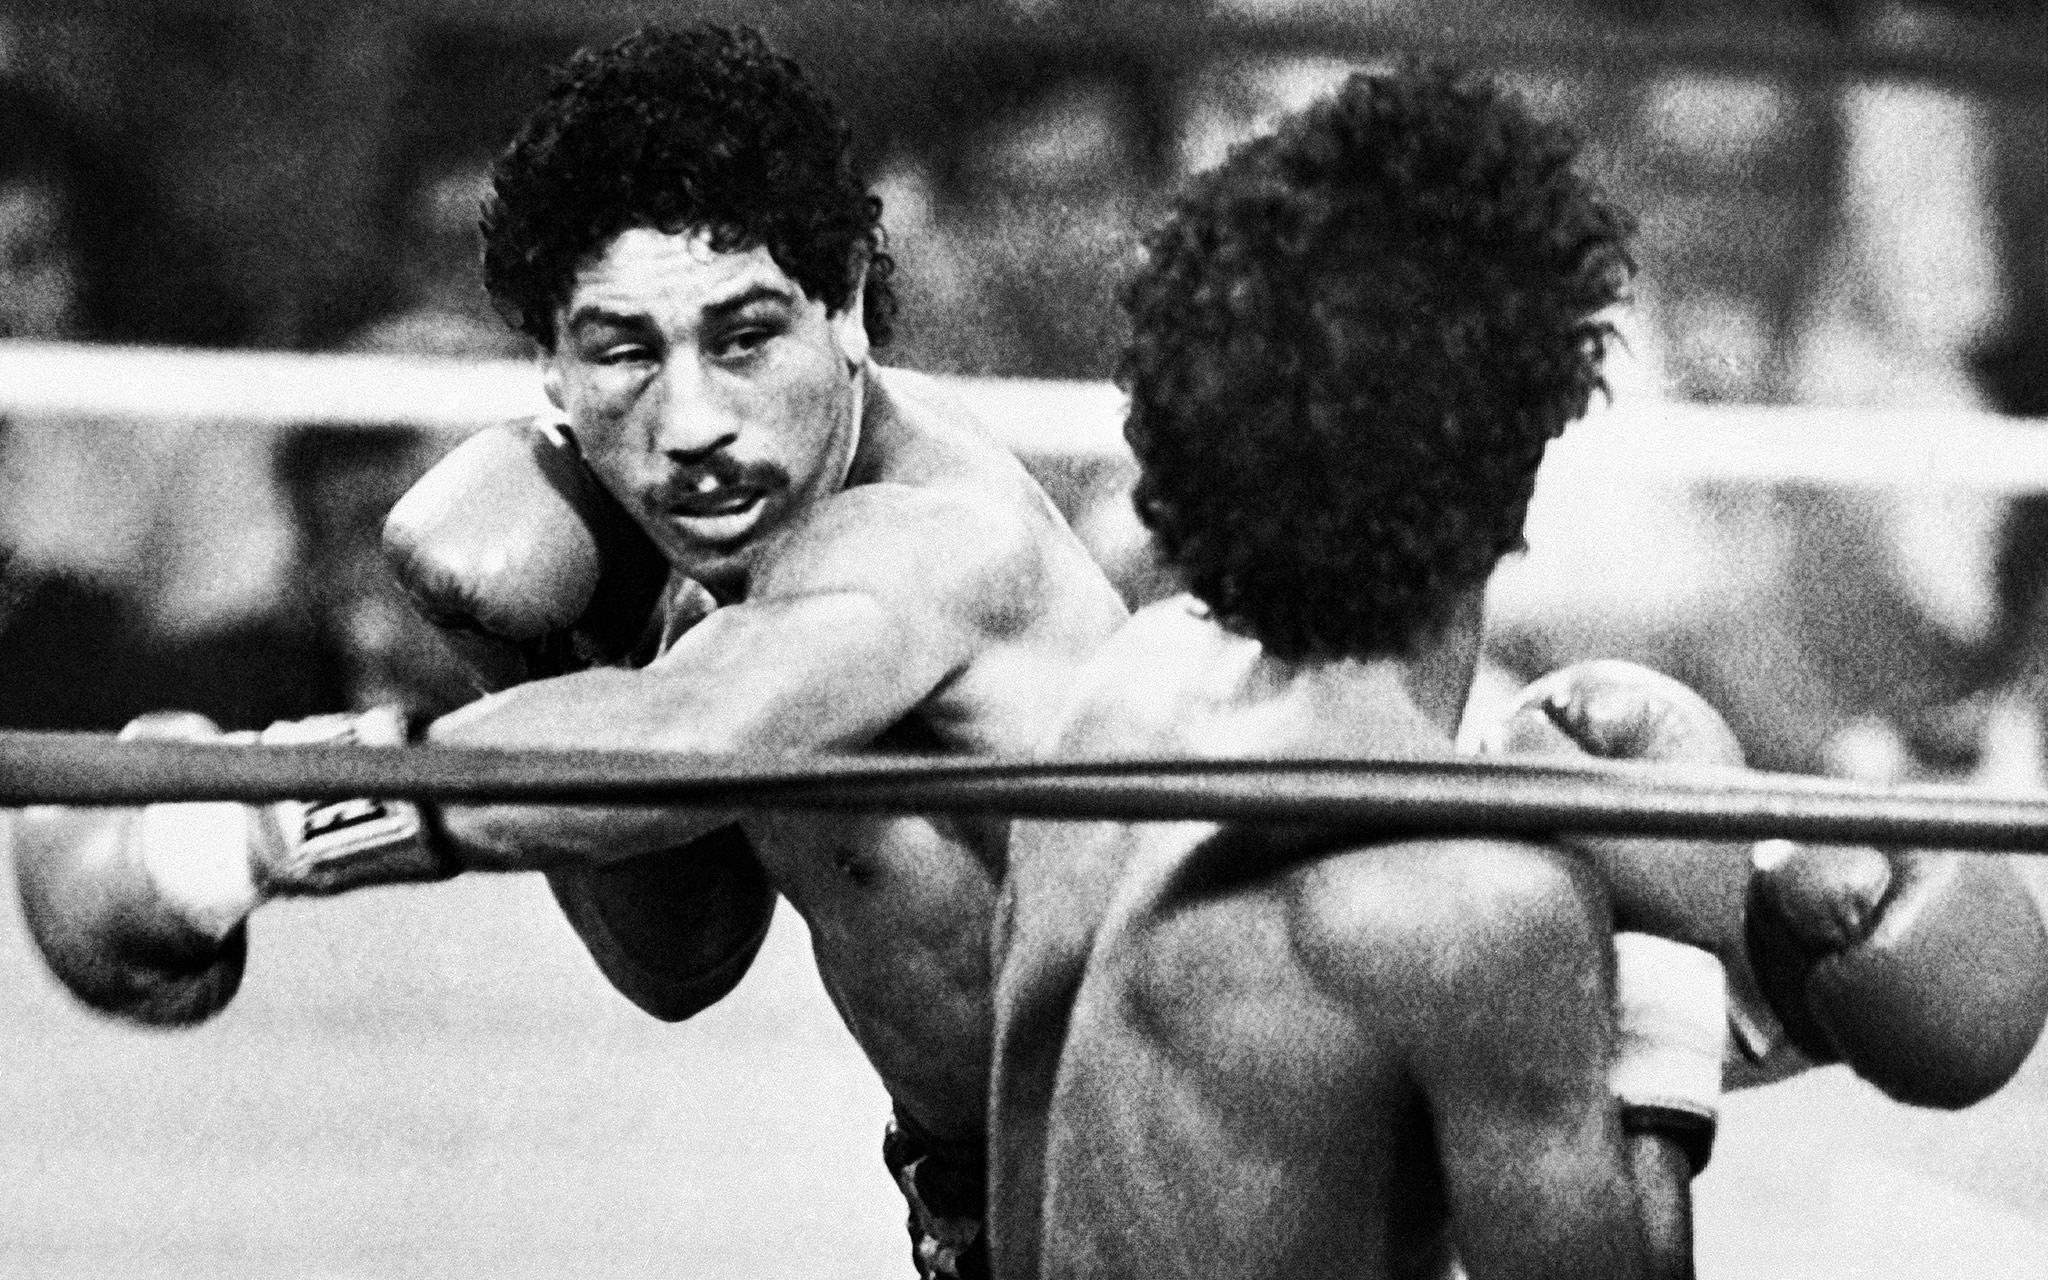 Salvador Sanchez & Wilfredo Gomez